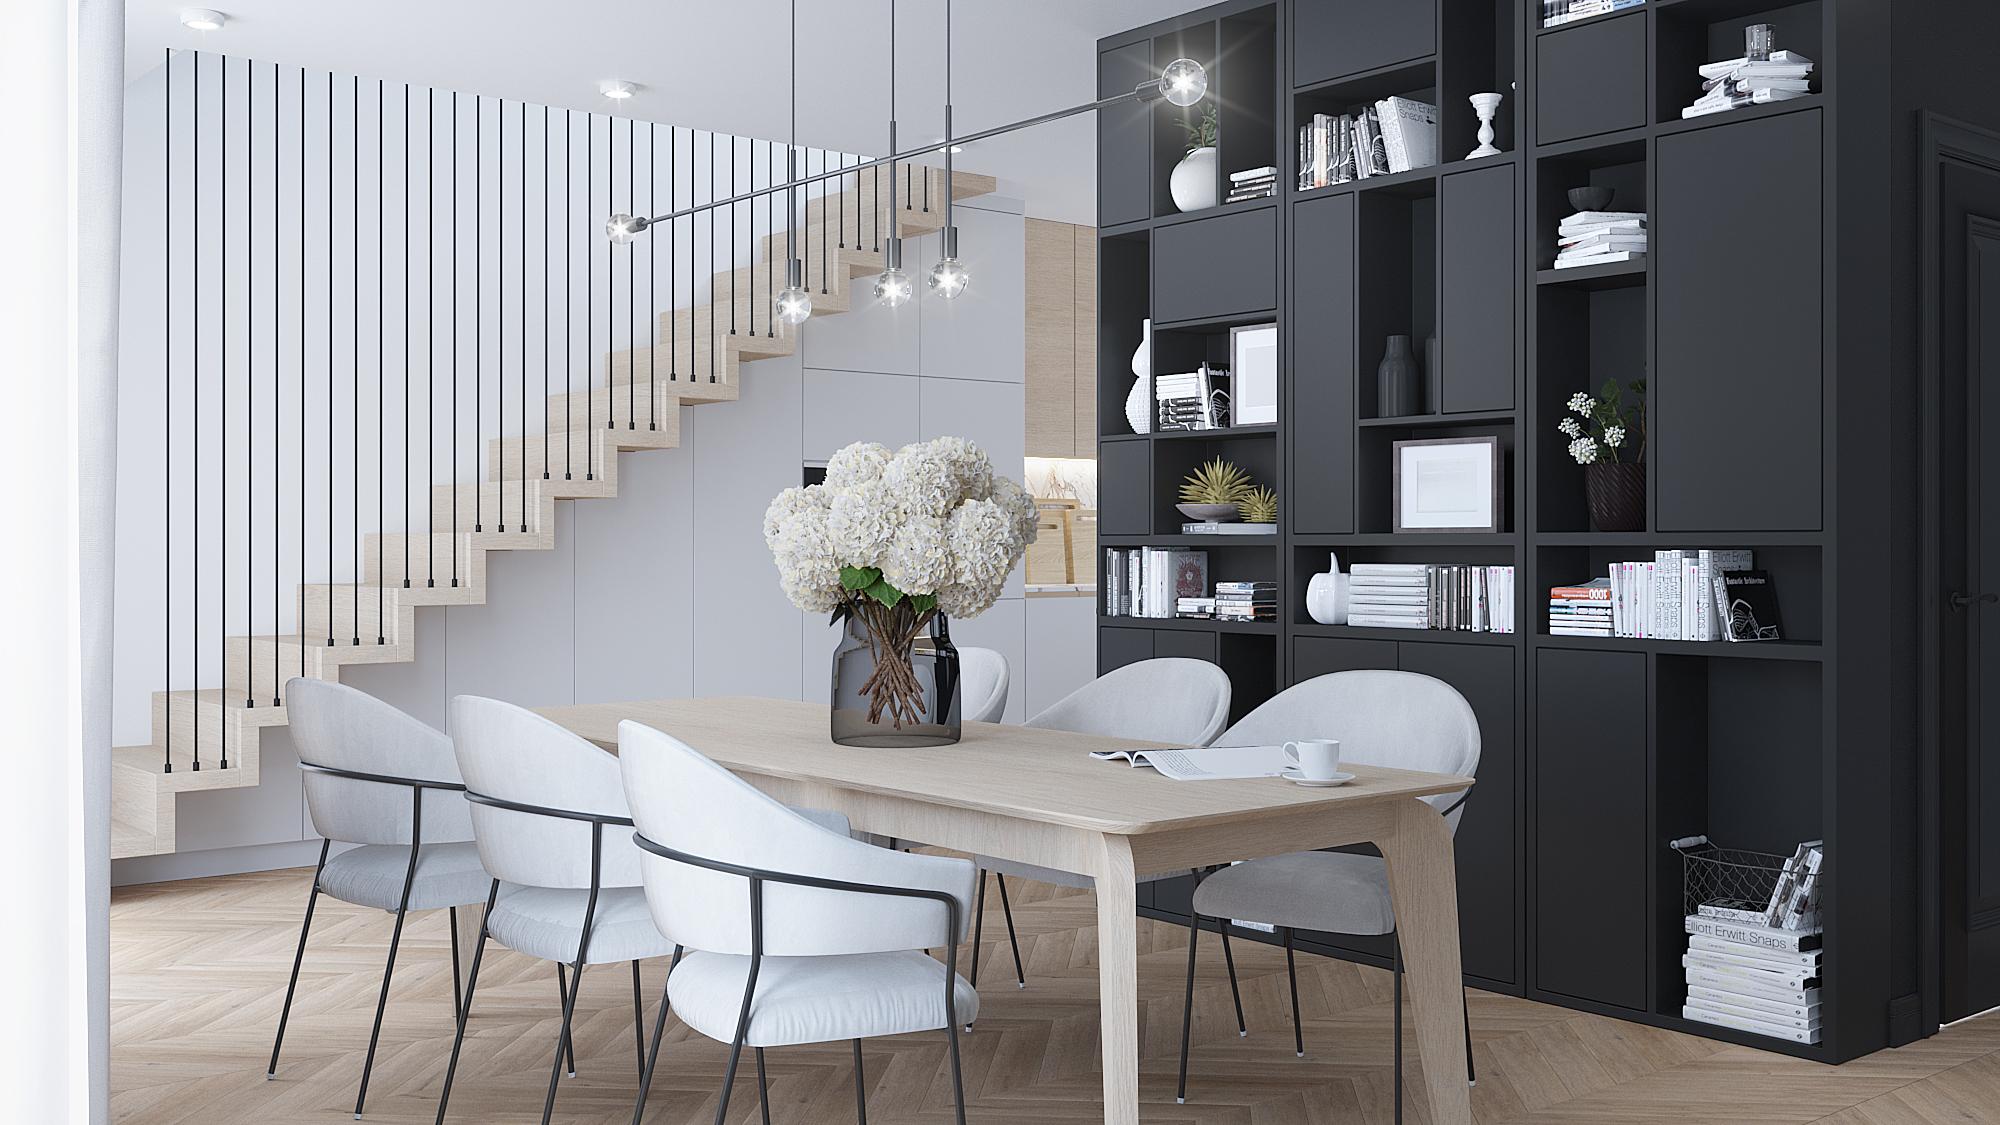 1 projektowanie wnetrz M356 mieszkanie Krakow zabudowa grafitowy regal drewniany stol lampa nad stolem szare krzesla